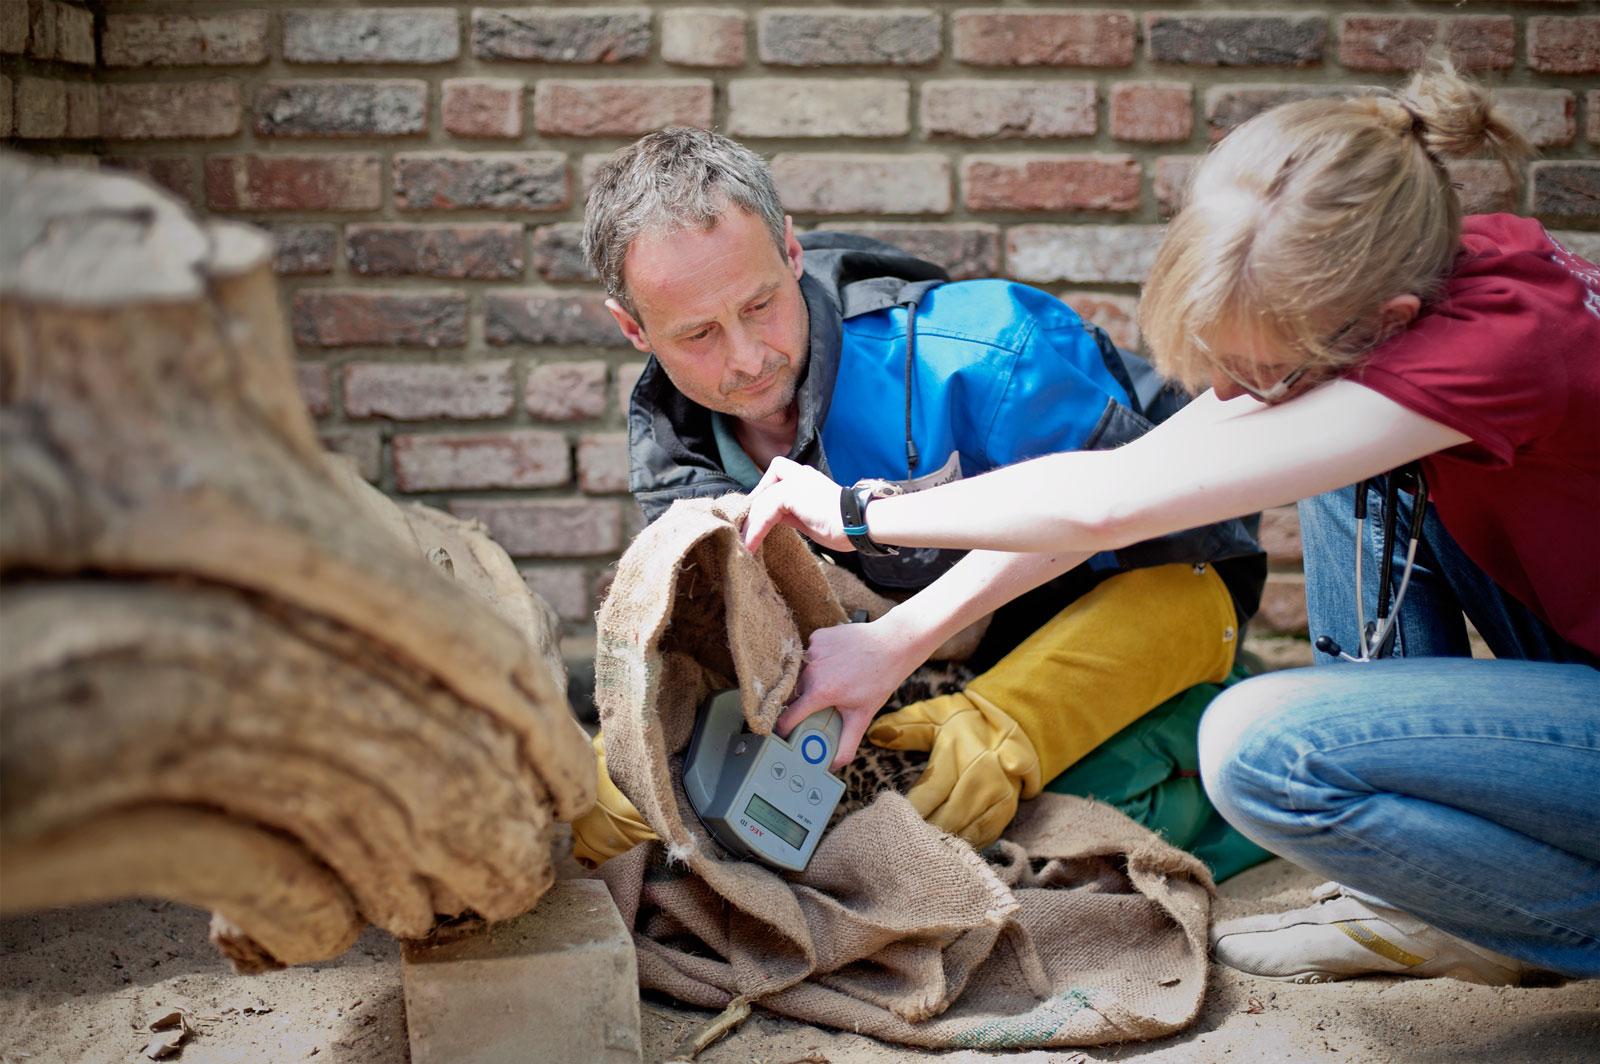 8 Pfoten, 6 Hände und 2 Spritzen - Zoo Krefeld – Die Impfung der Jaguarbabies